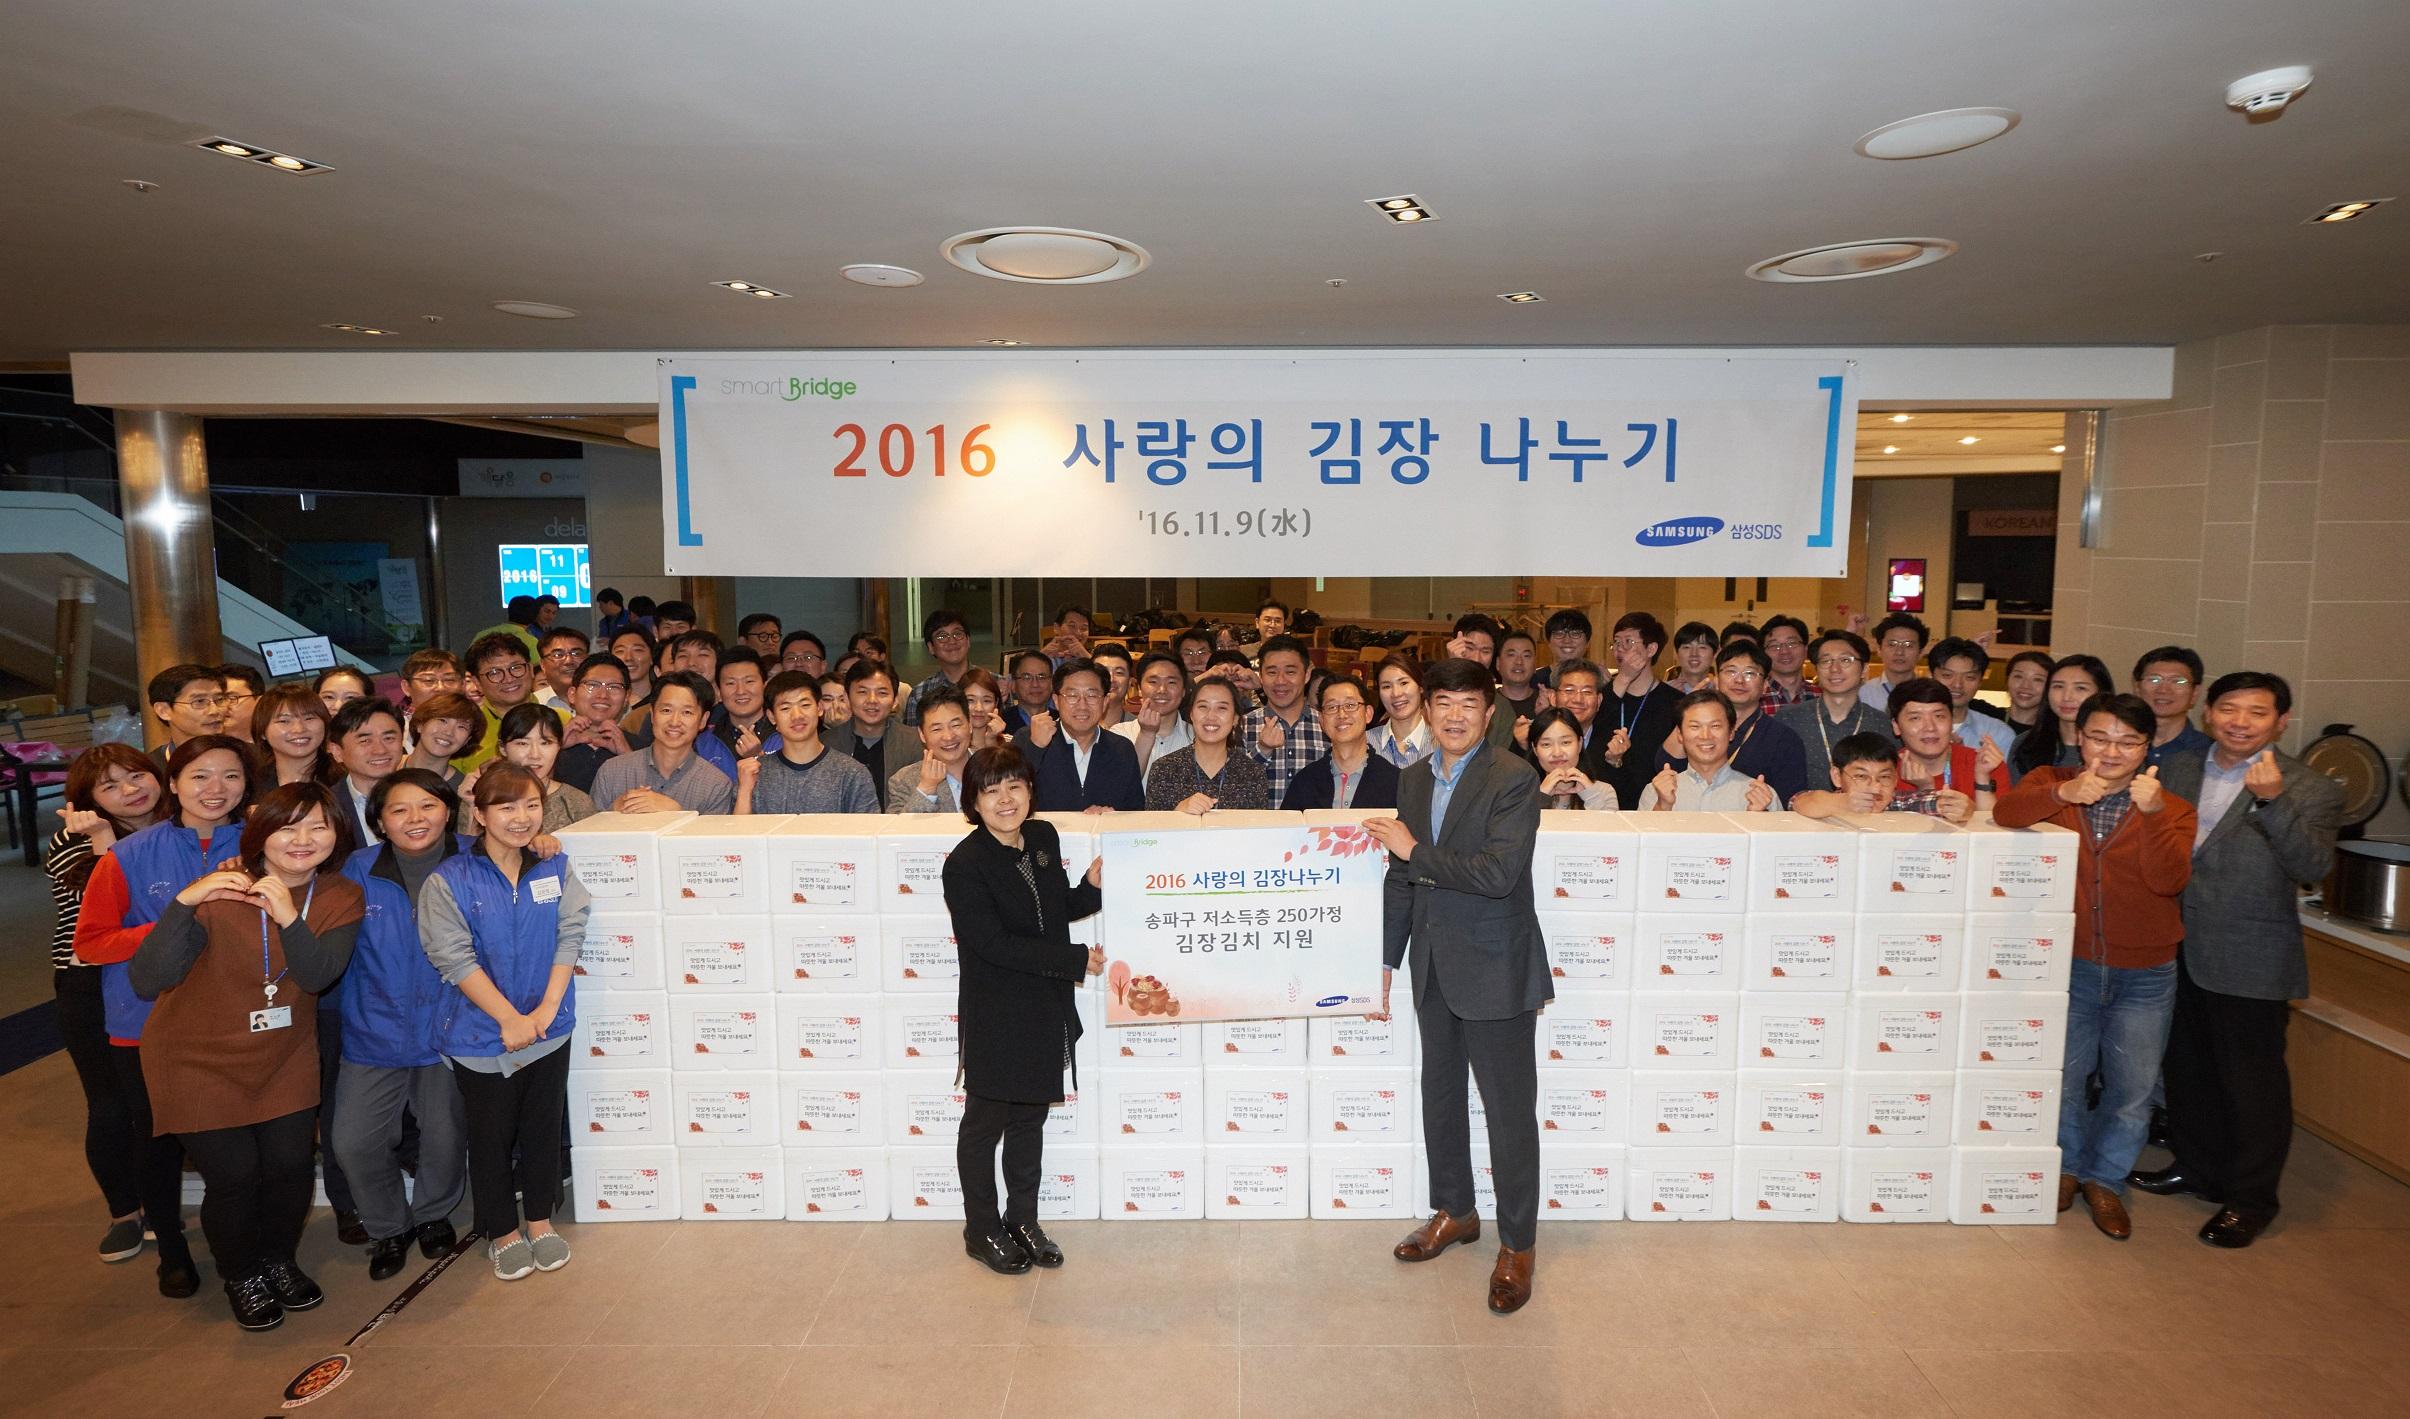 삼성SDS의 사랑의 김장 나누기 봉사활동하는 모습